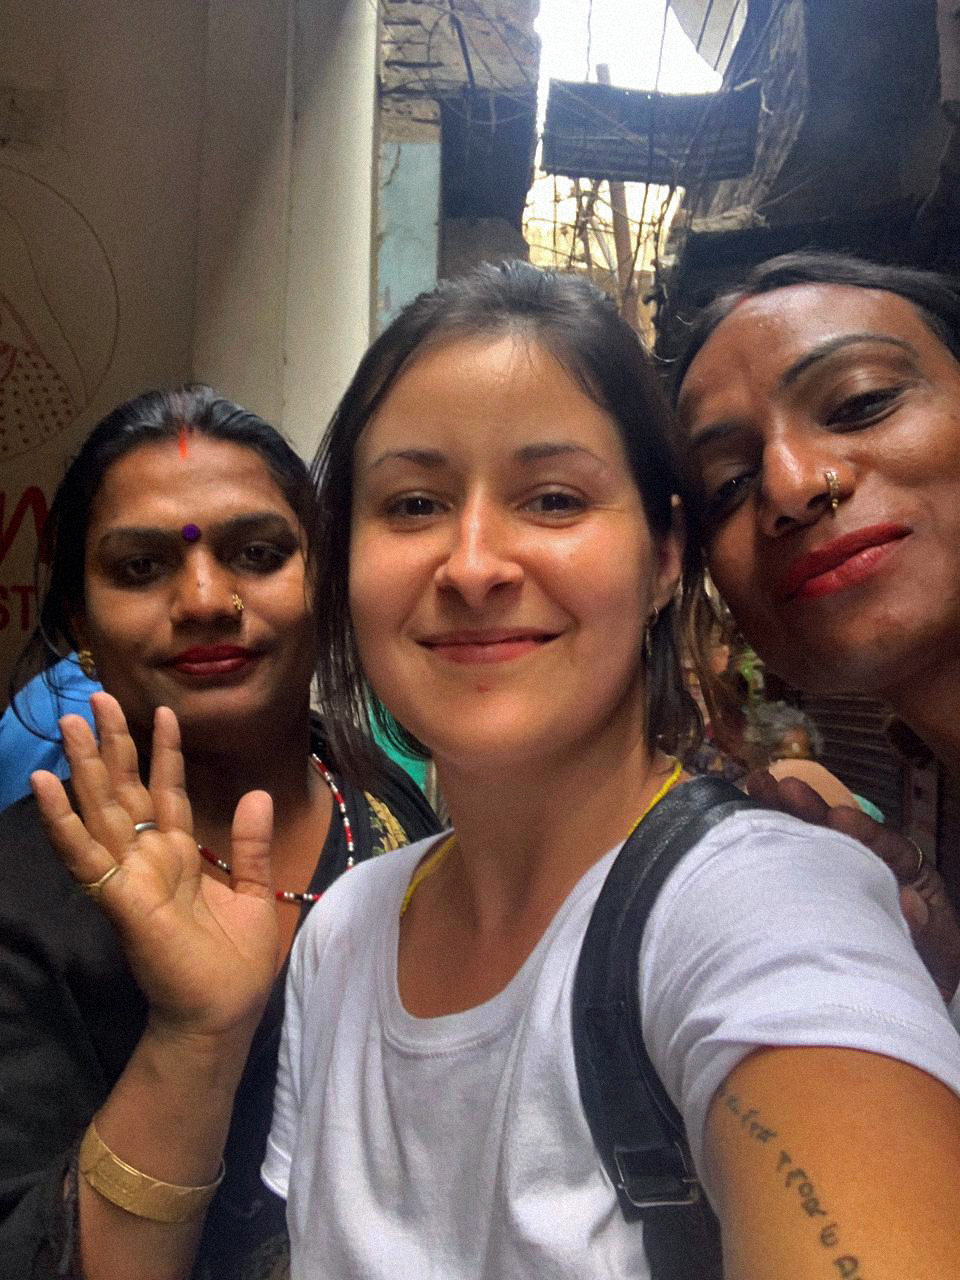 Muskan, Dan Agostini e Rupaa em Varanasi no dia em que se conheceram, em 2019